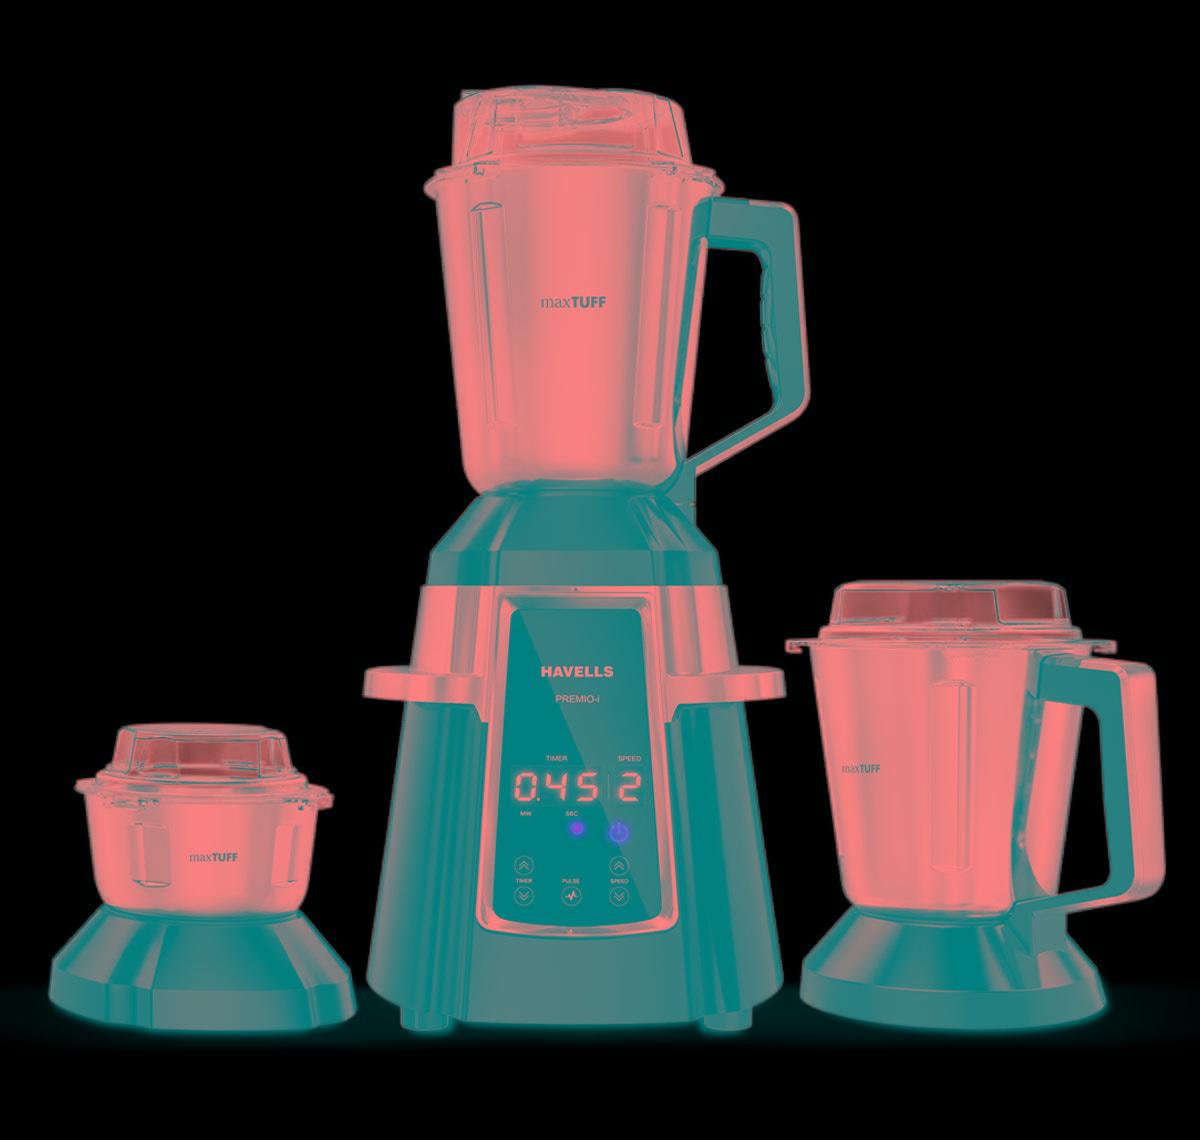 Havells Premio 750W Mixer Grinder (Black, 3 Jar)